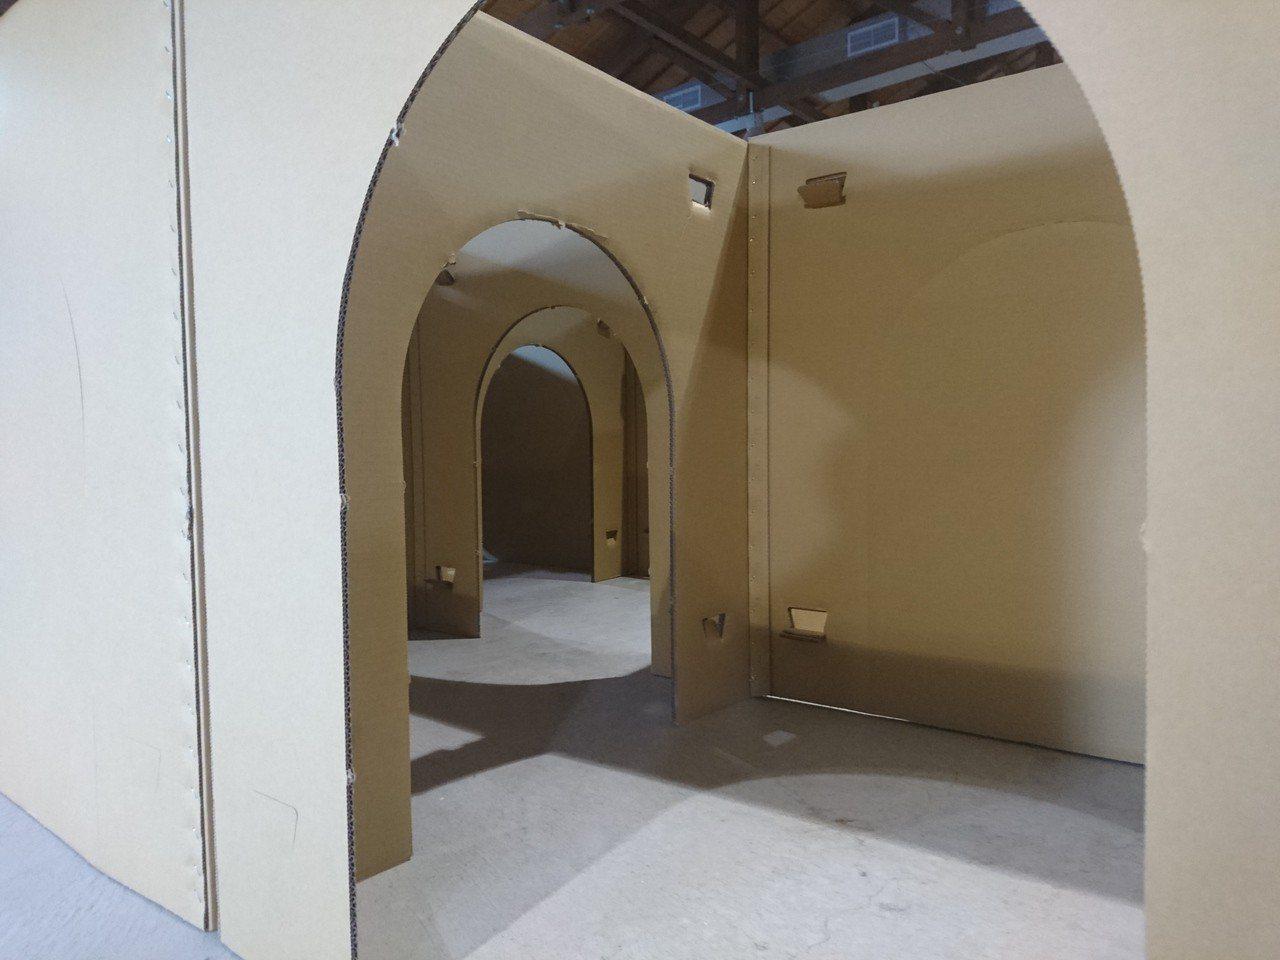 宜蘭今啟用號稱全台最大紙迷宮。記者羅建旺/攝影